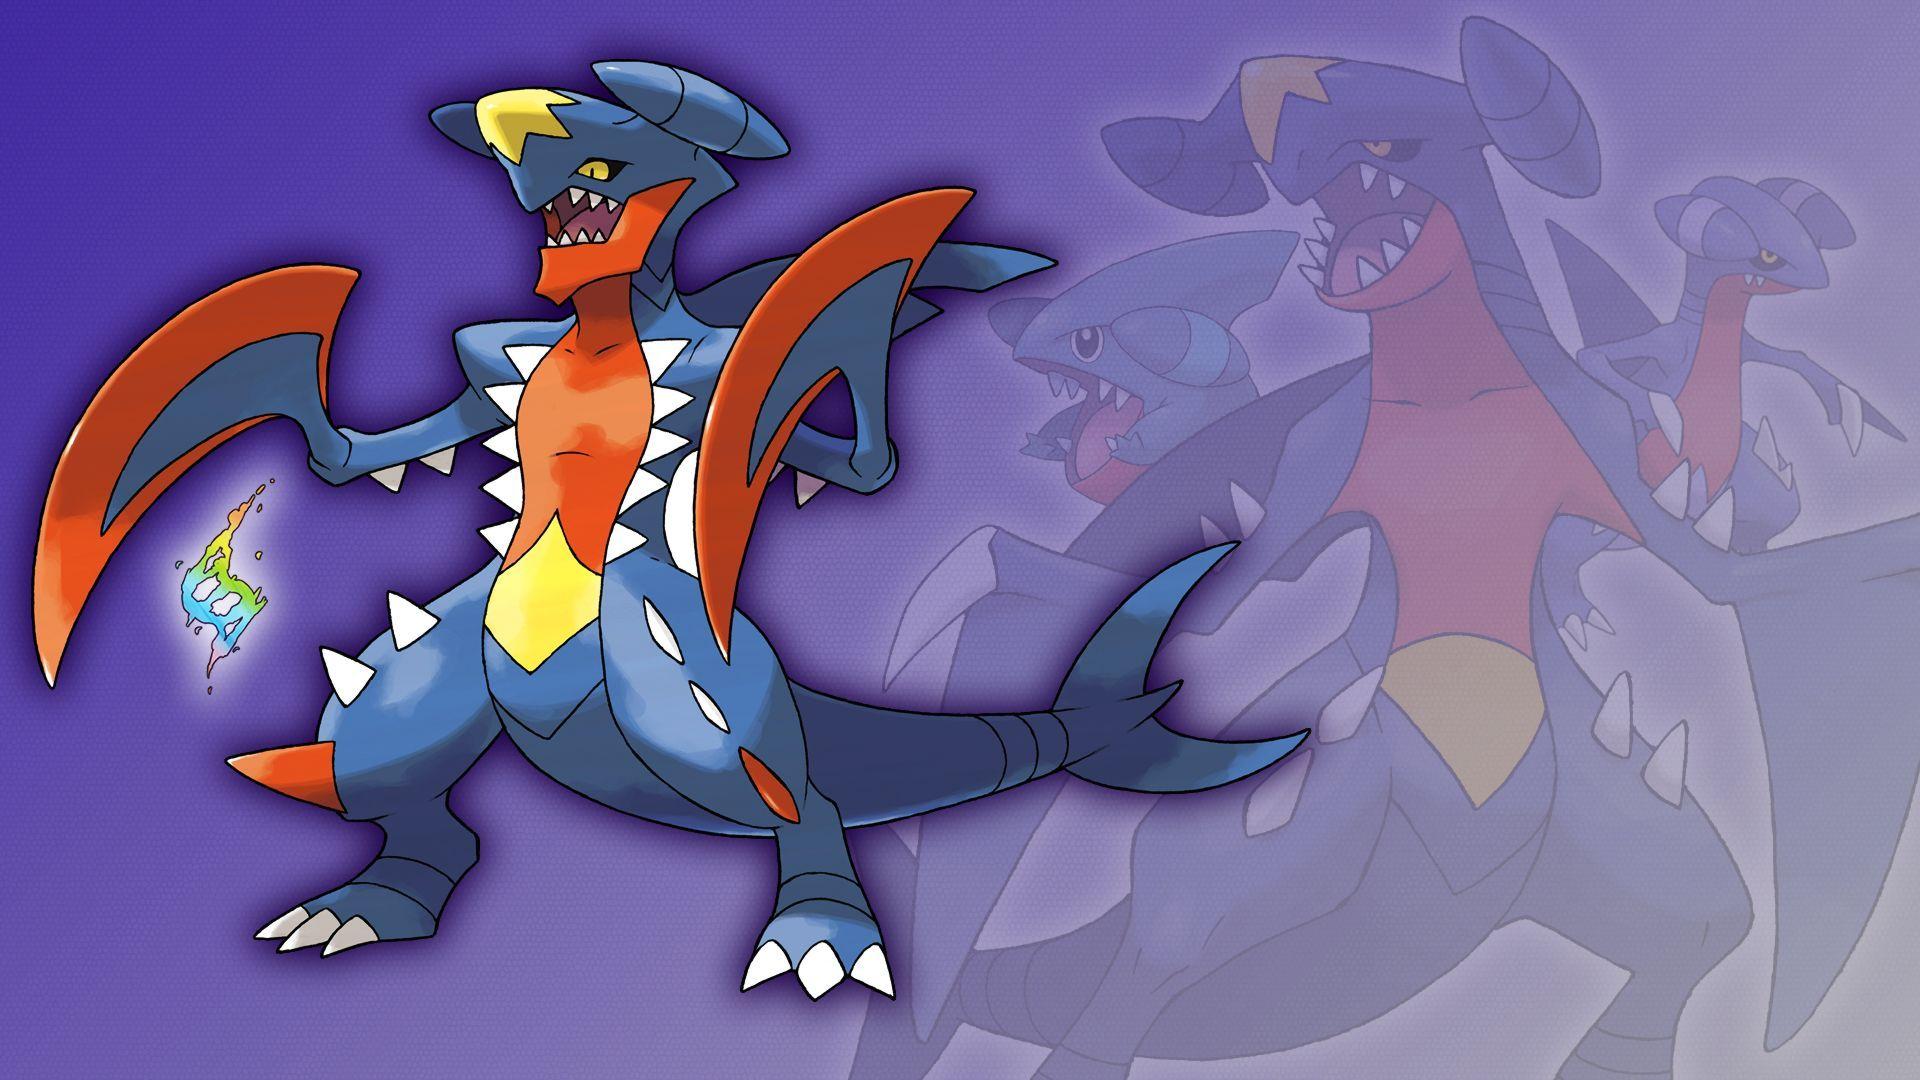 ¿Influye el nivel del Pokémon a la hora de infligir daño?